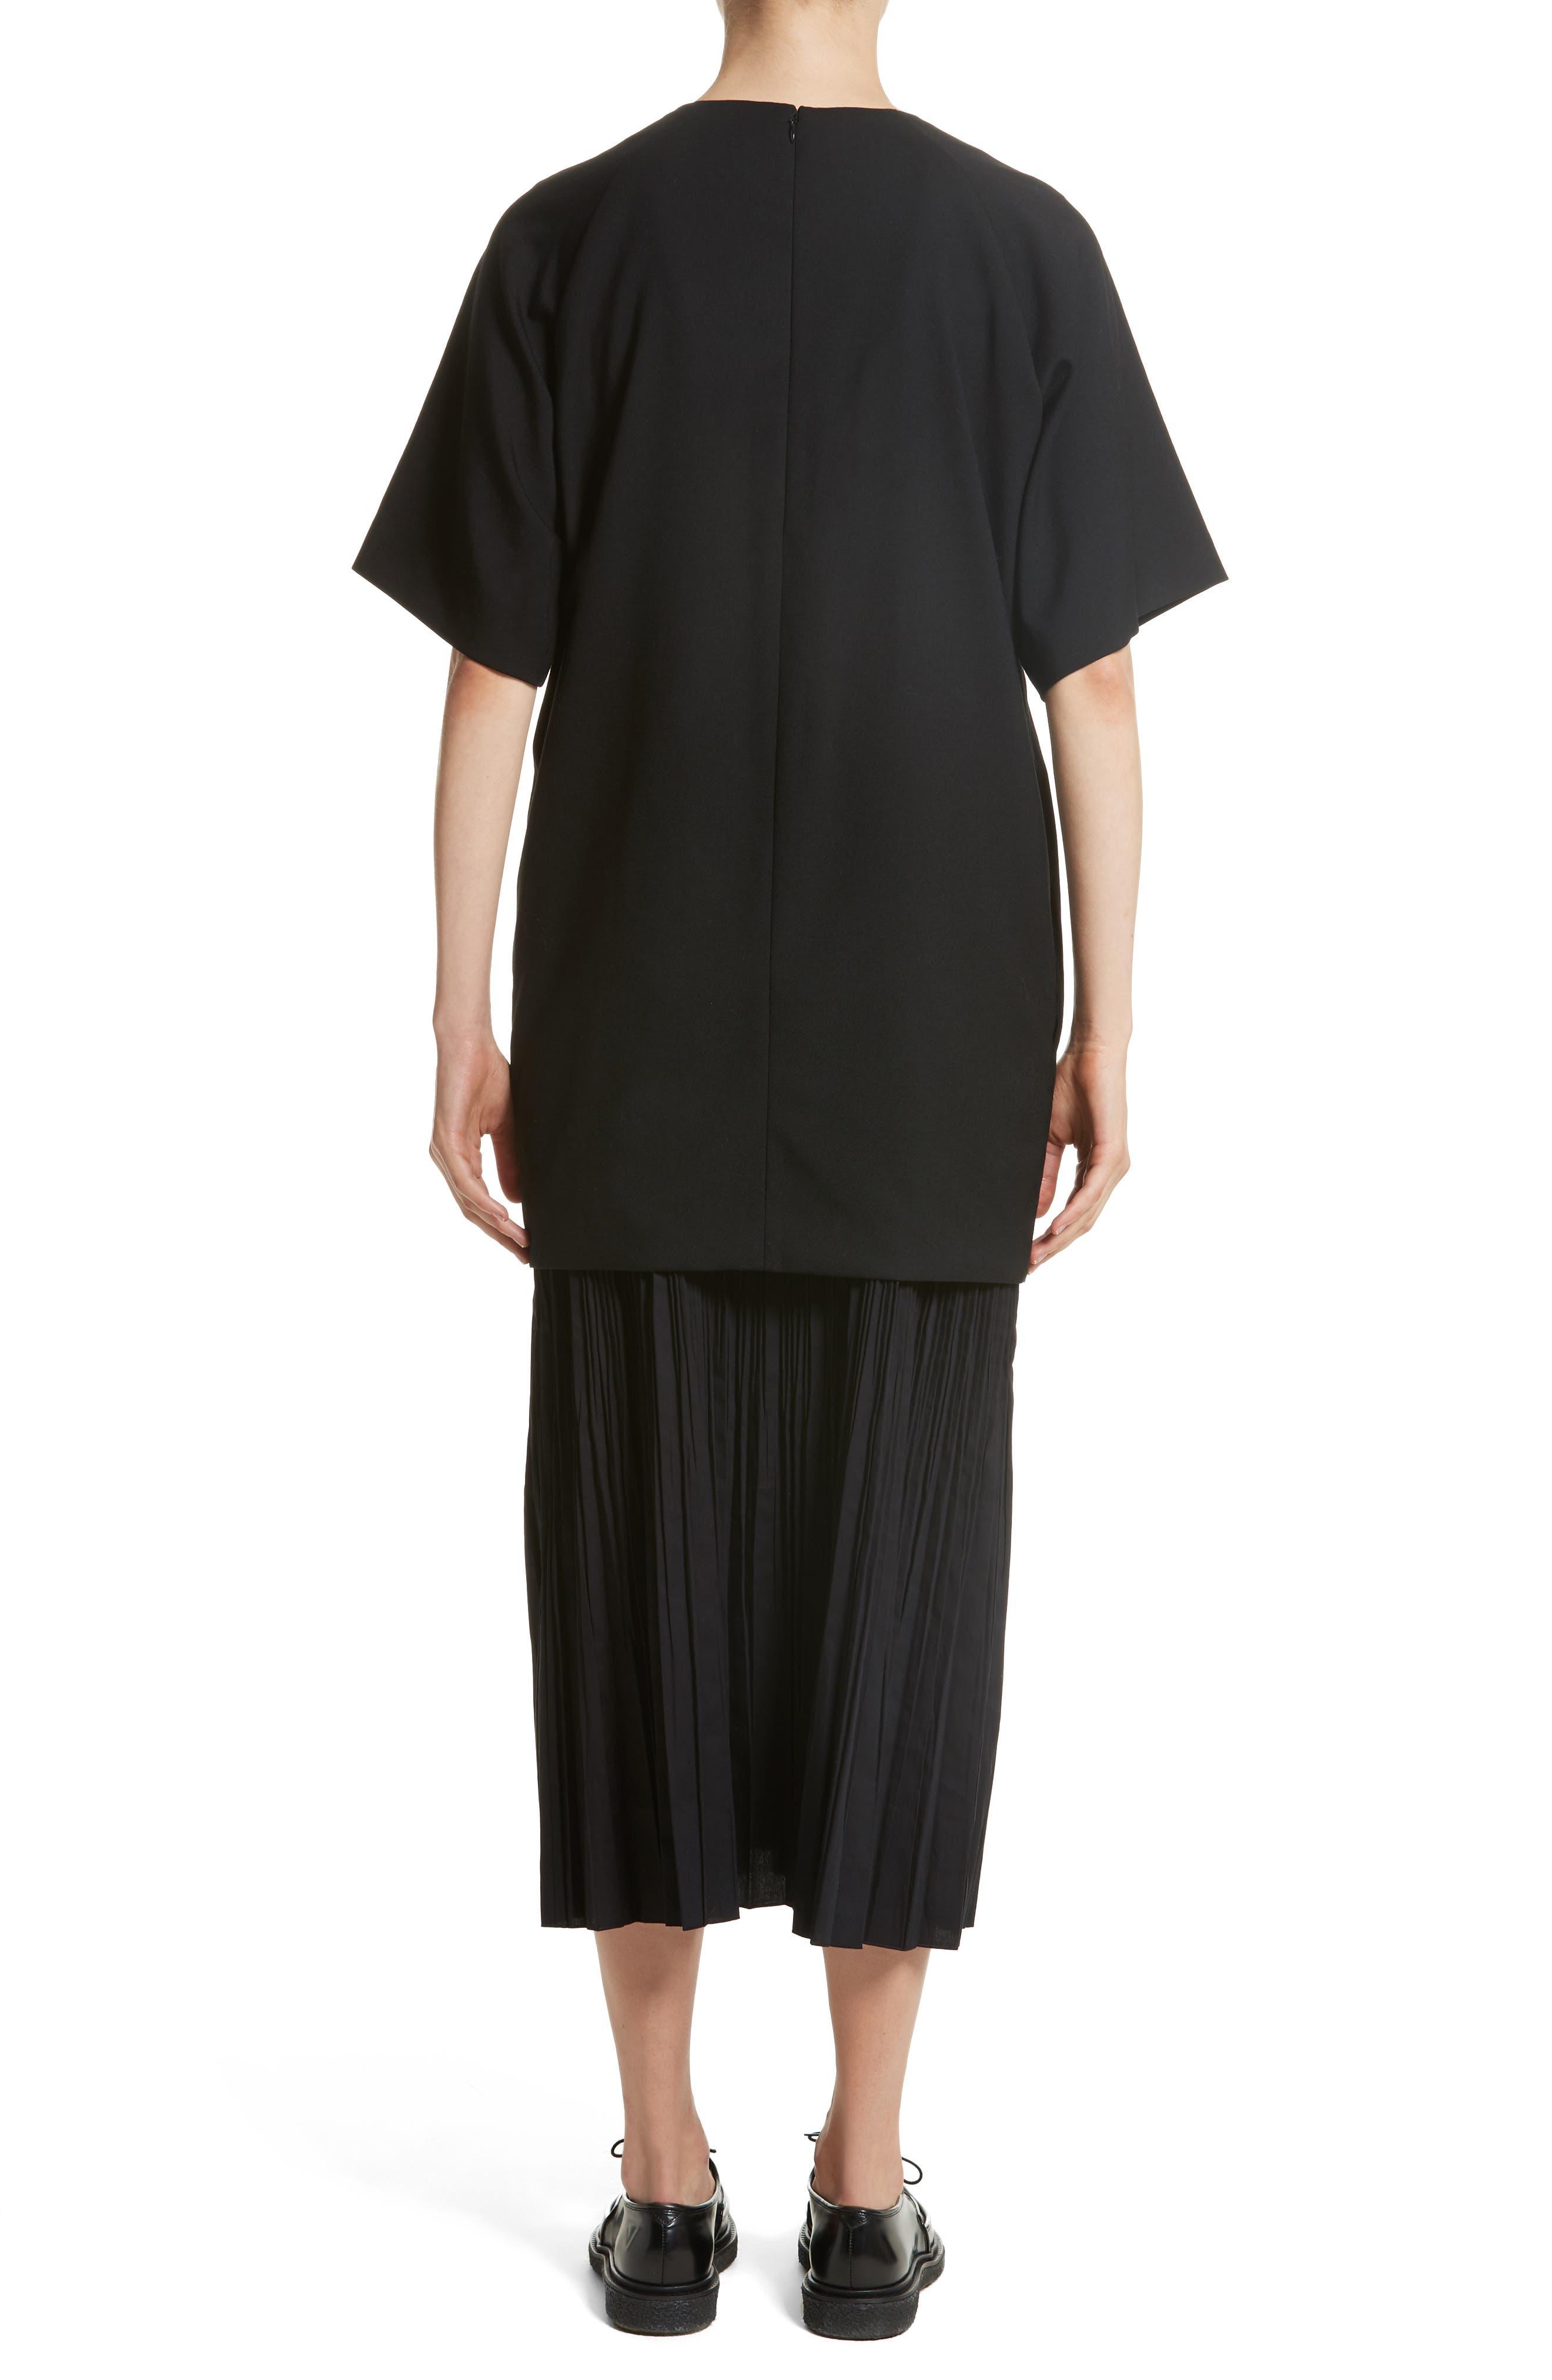 K Bottom Pleated Dress,                             Alternate thumbnail 2, color,                             001